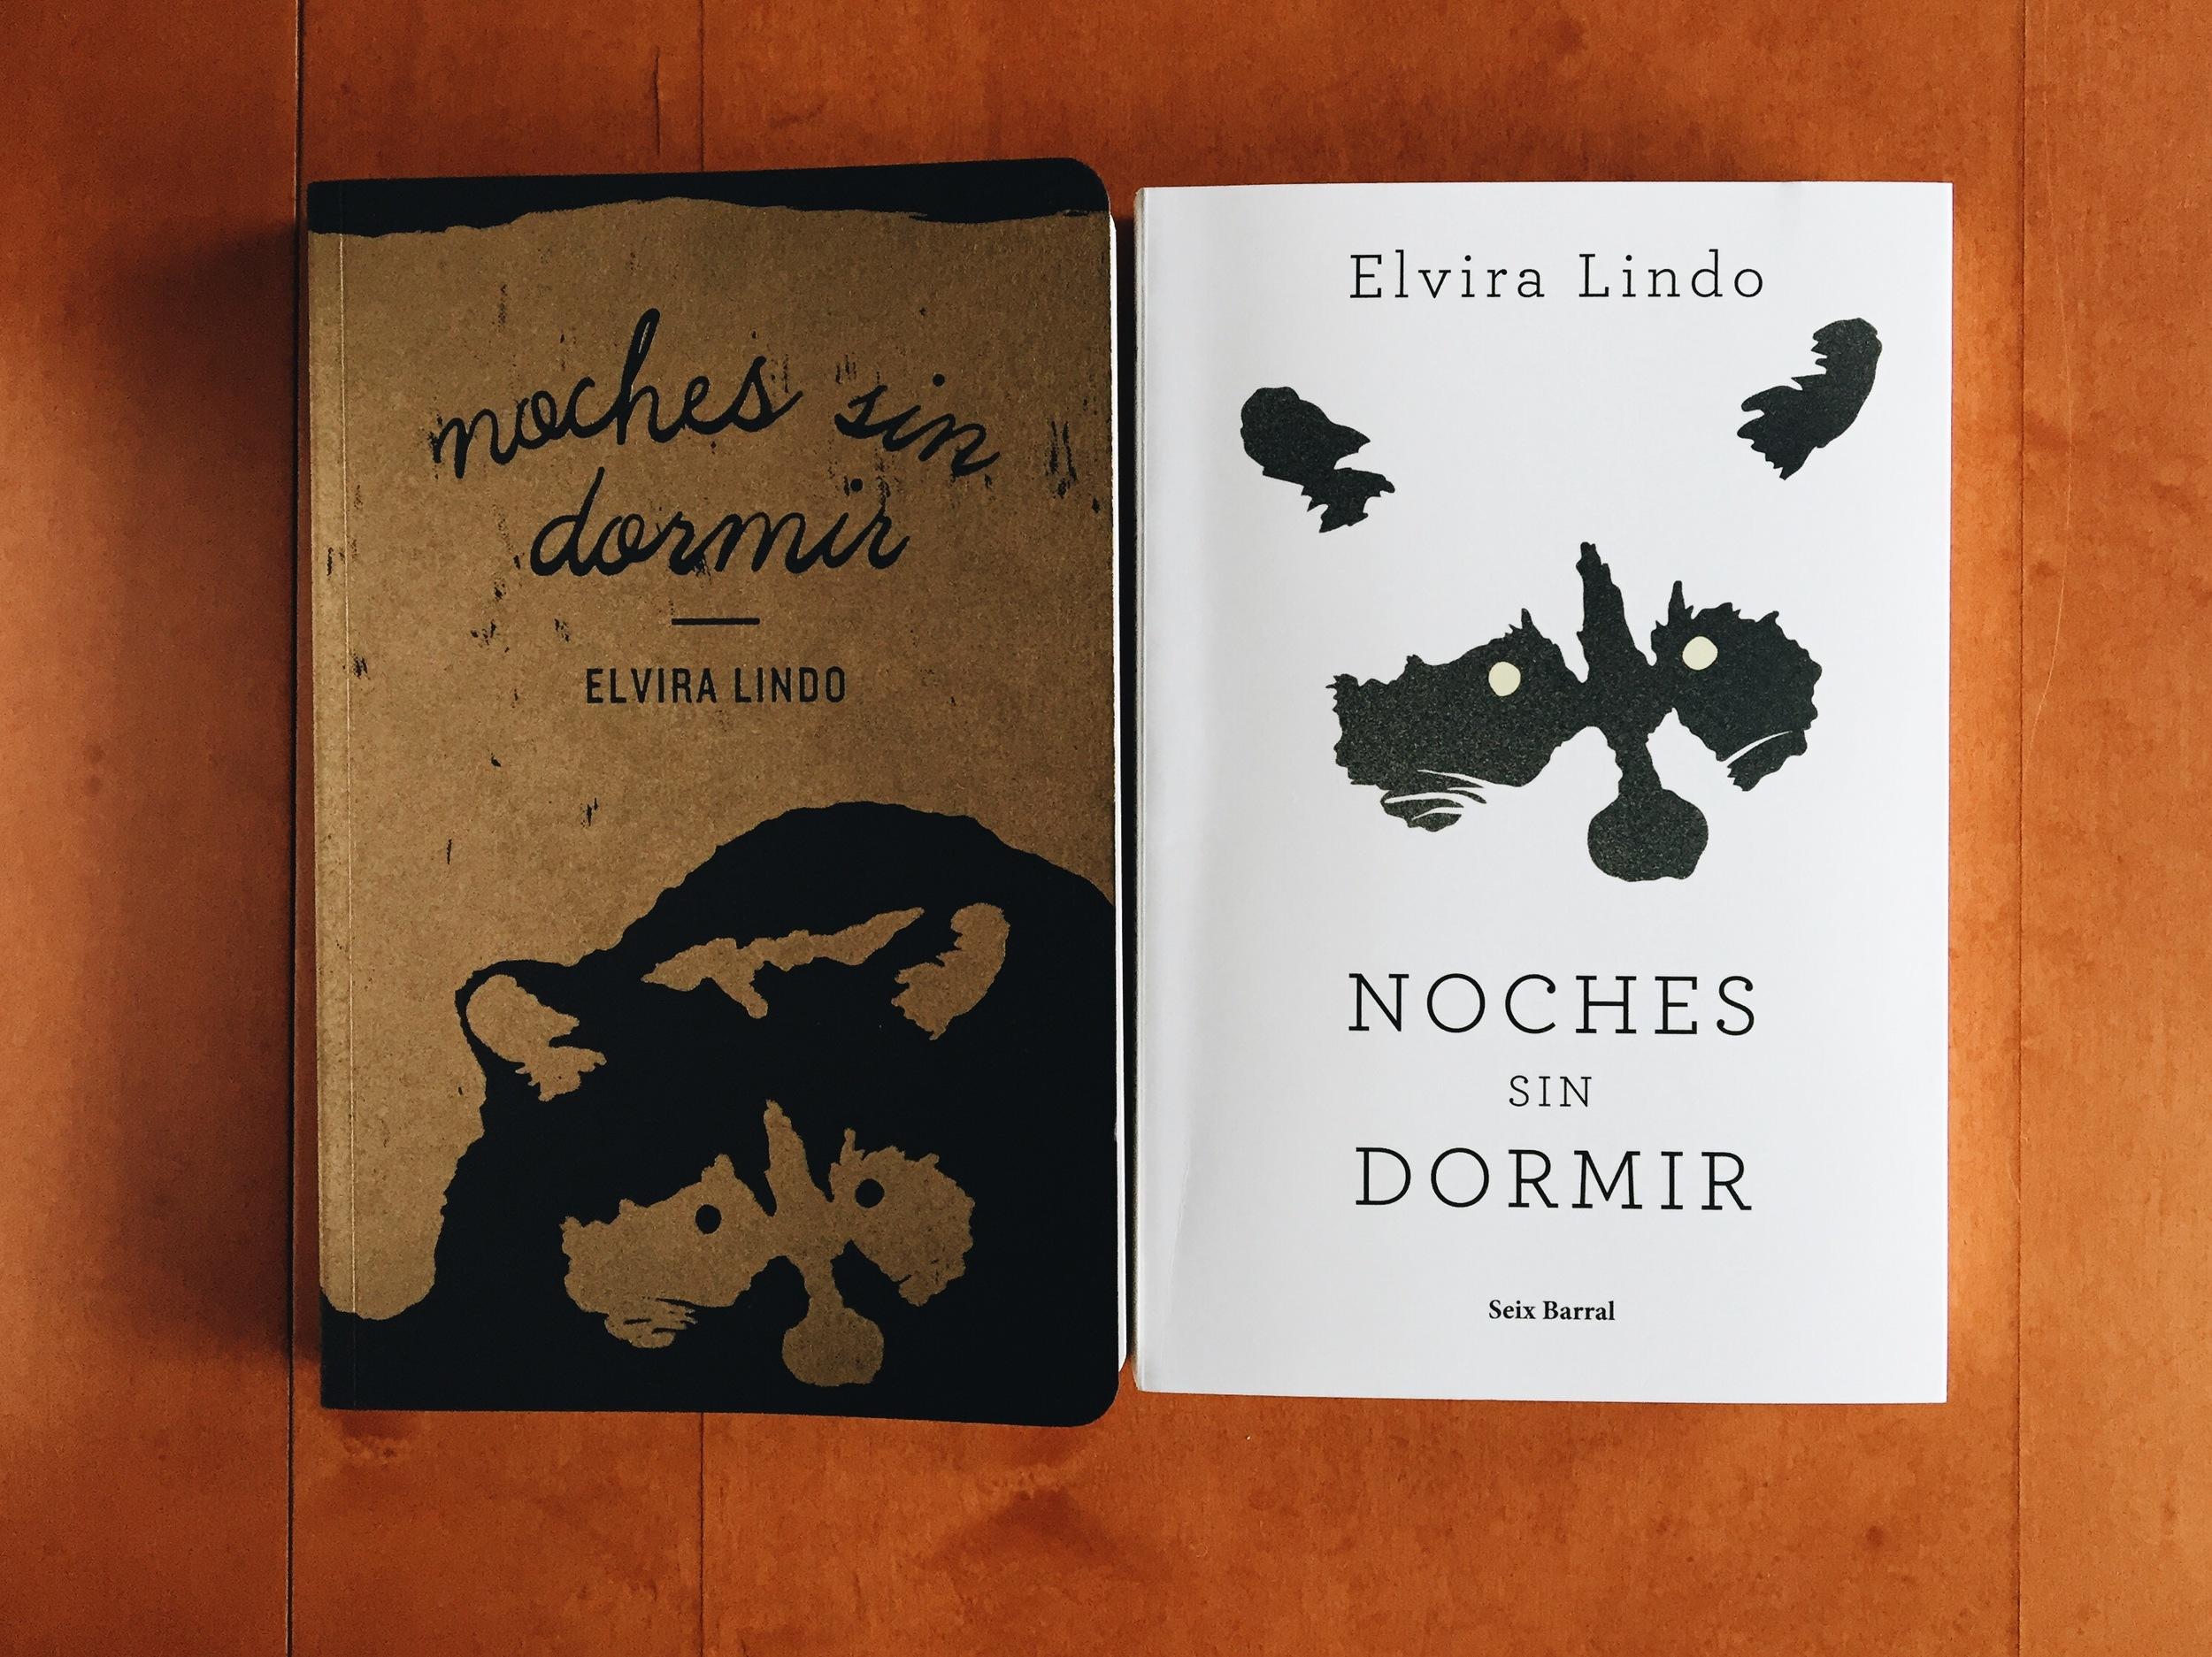 Noches Sin Dormir  de Elvira Lindo. Edición limitada de Lindo & Espinosa a la derecha. Edición de Seix Barral a la izquierda.